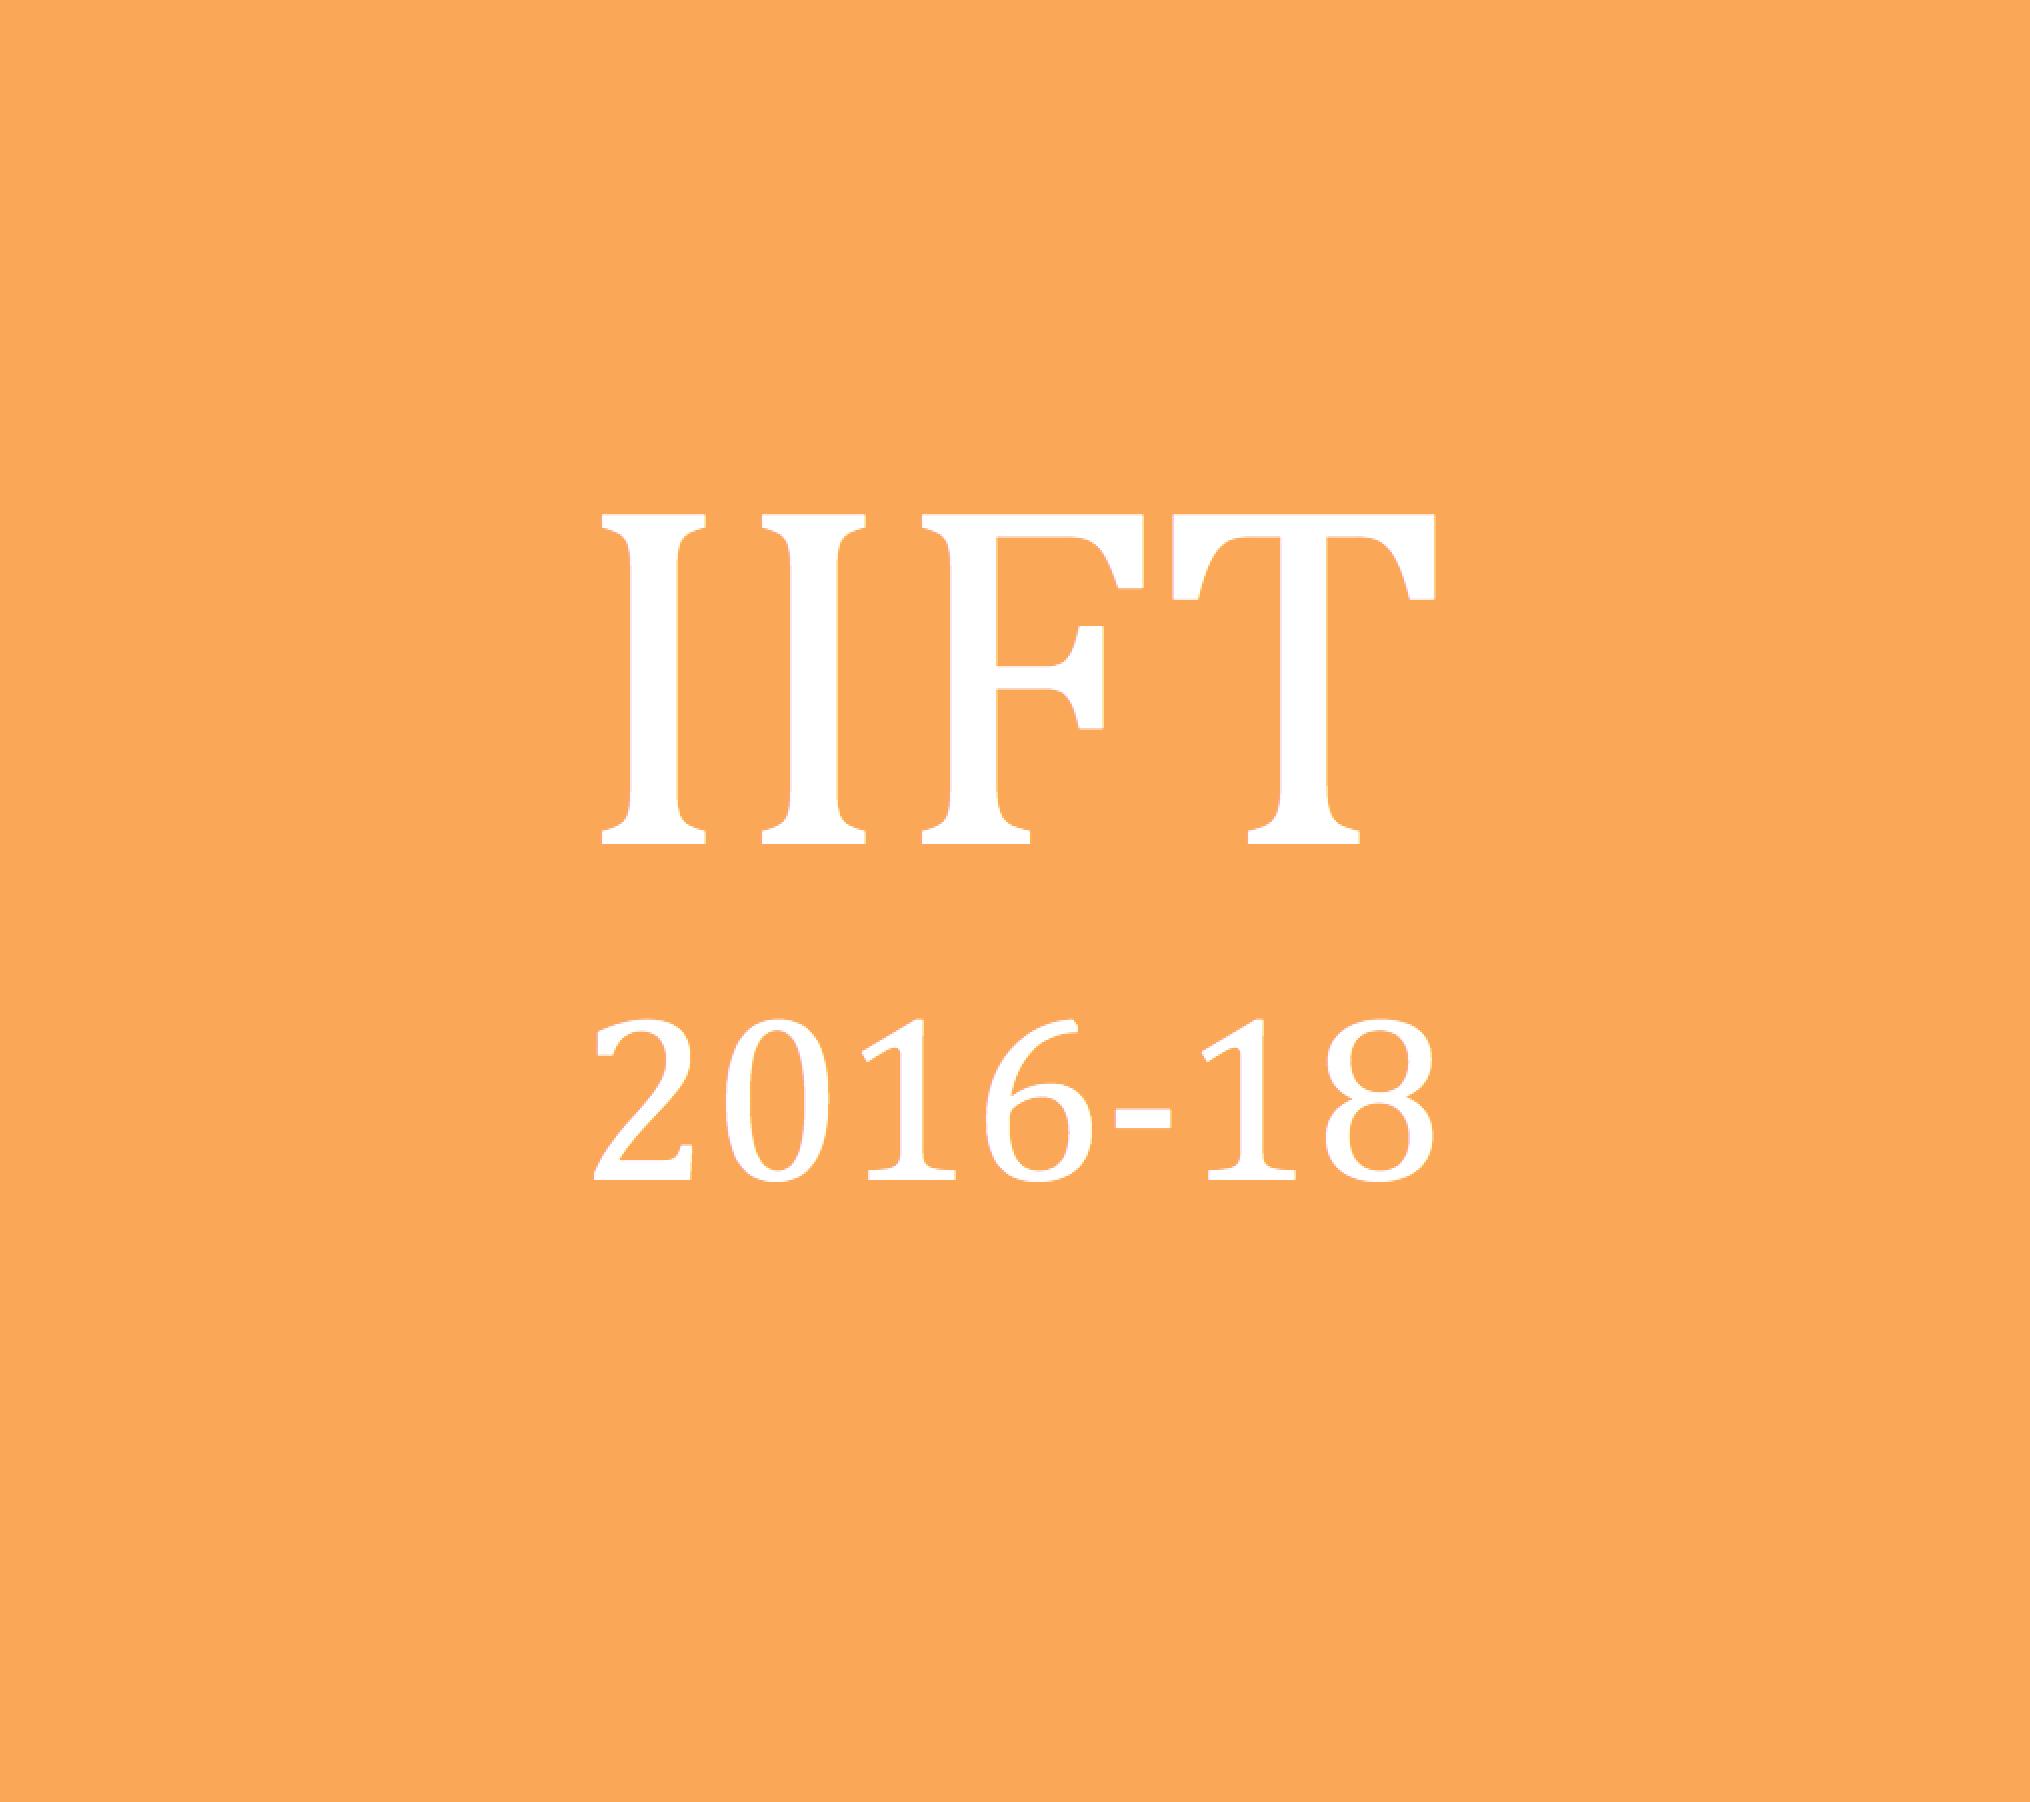 IIFT 2016-18 Analysis: My take